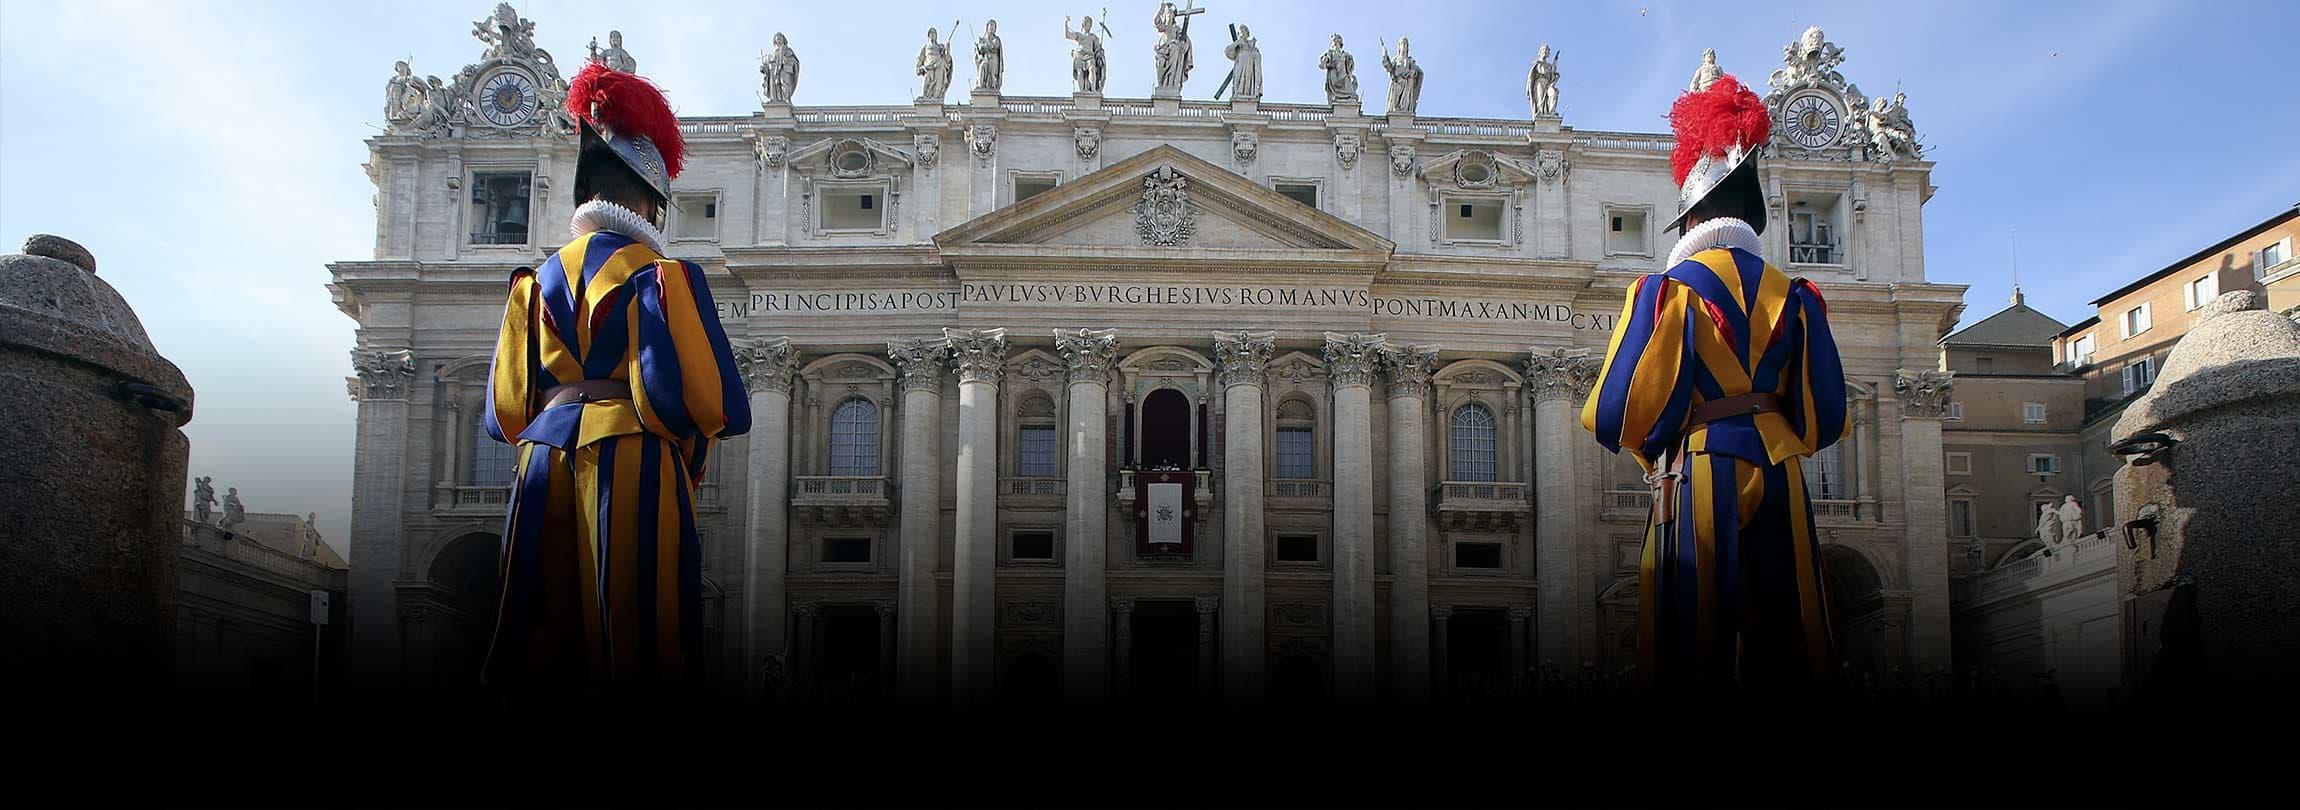 O espírito crítico e os ataques à Igreja